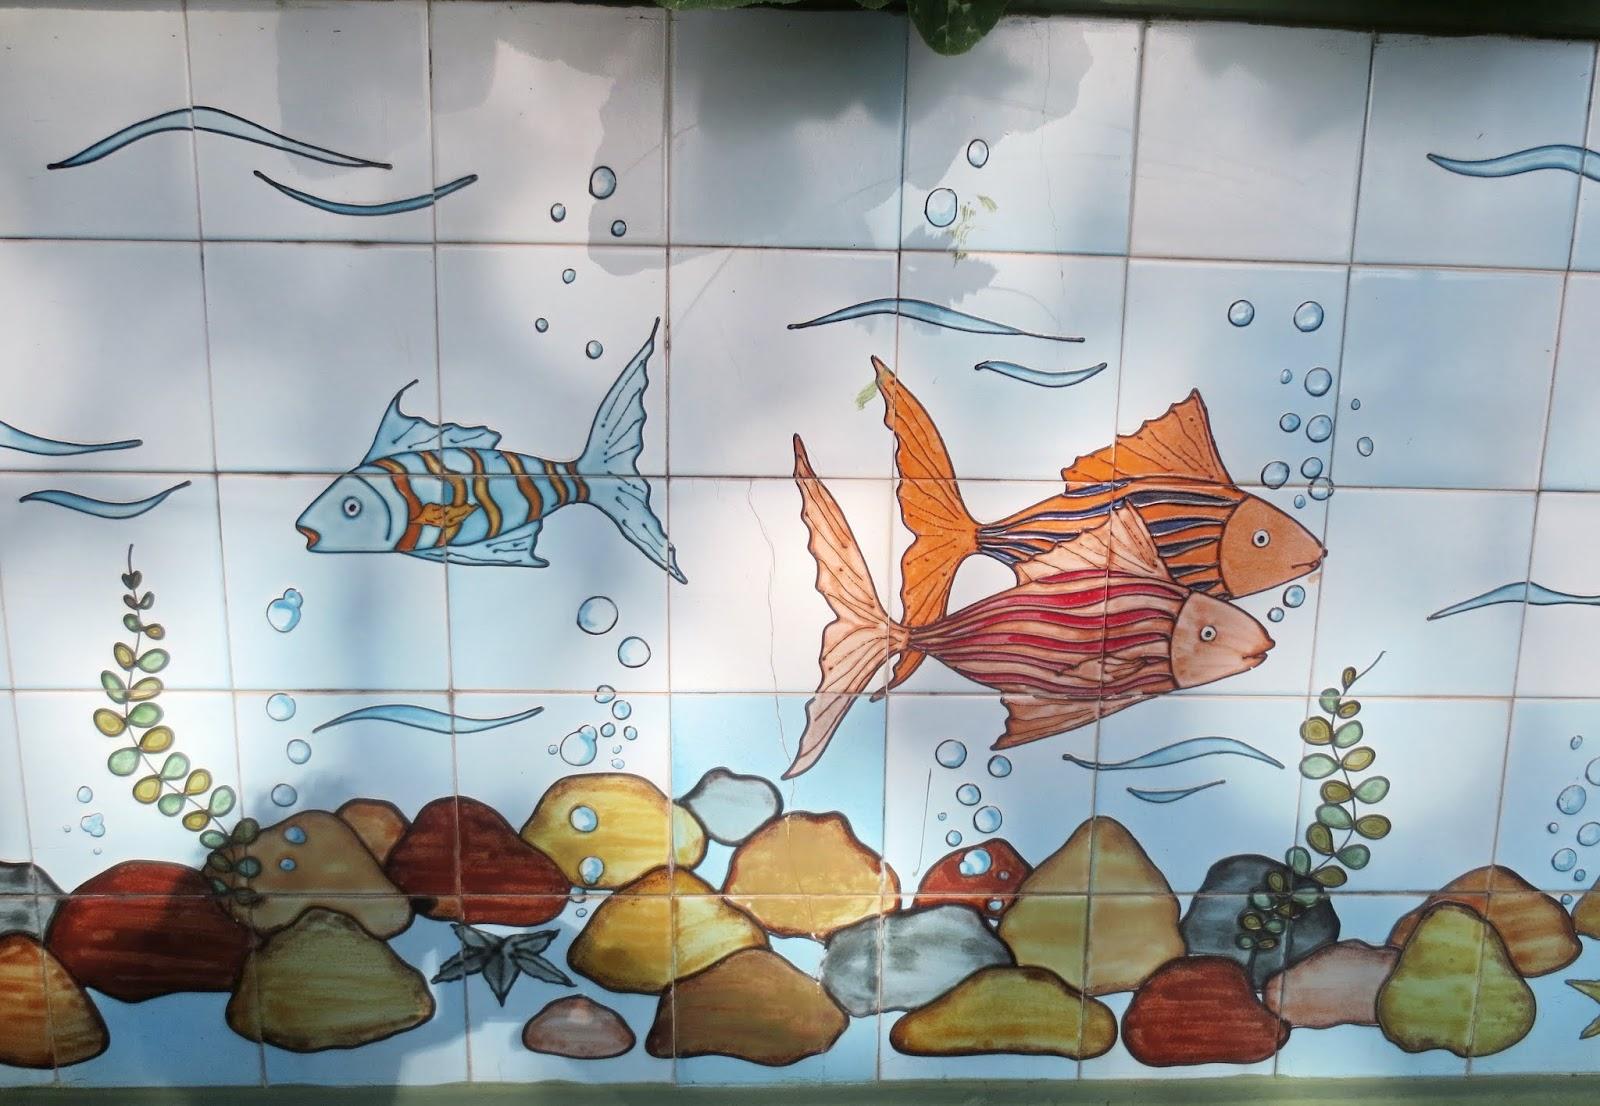 Literatura rio de janeiro azulejos decorativos for Azulejos decorativos